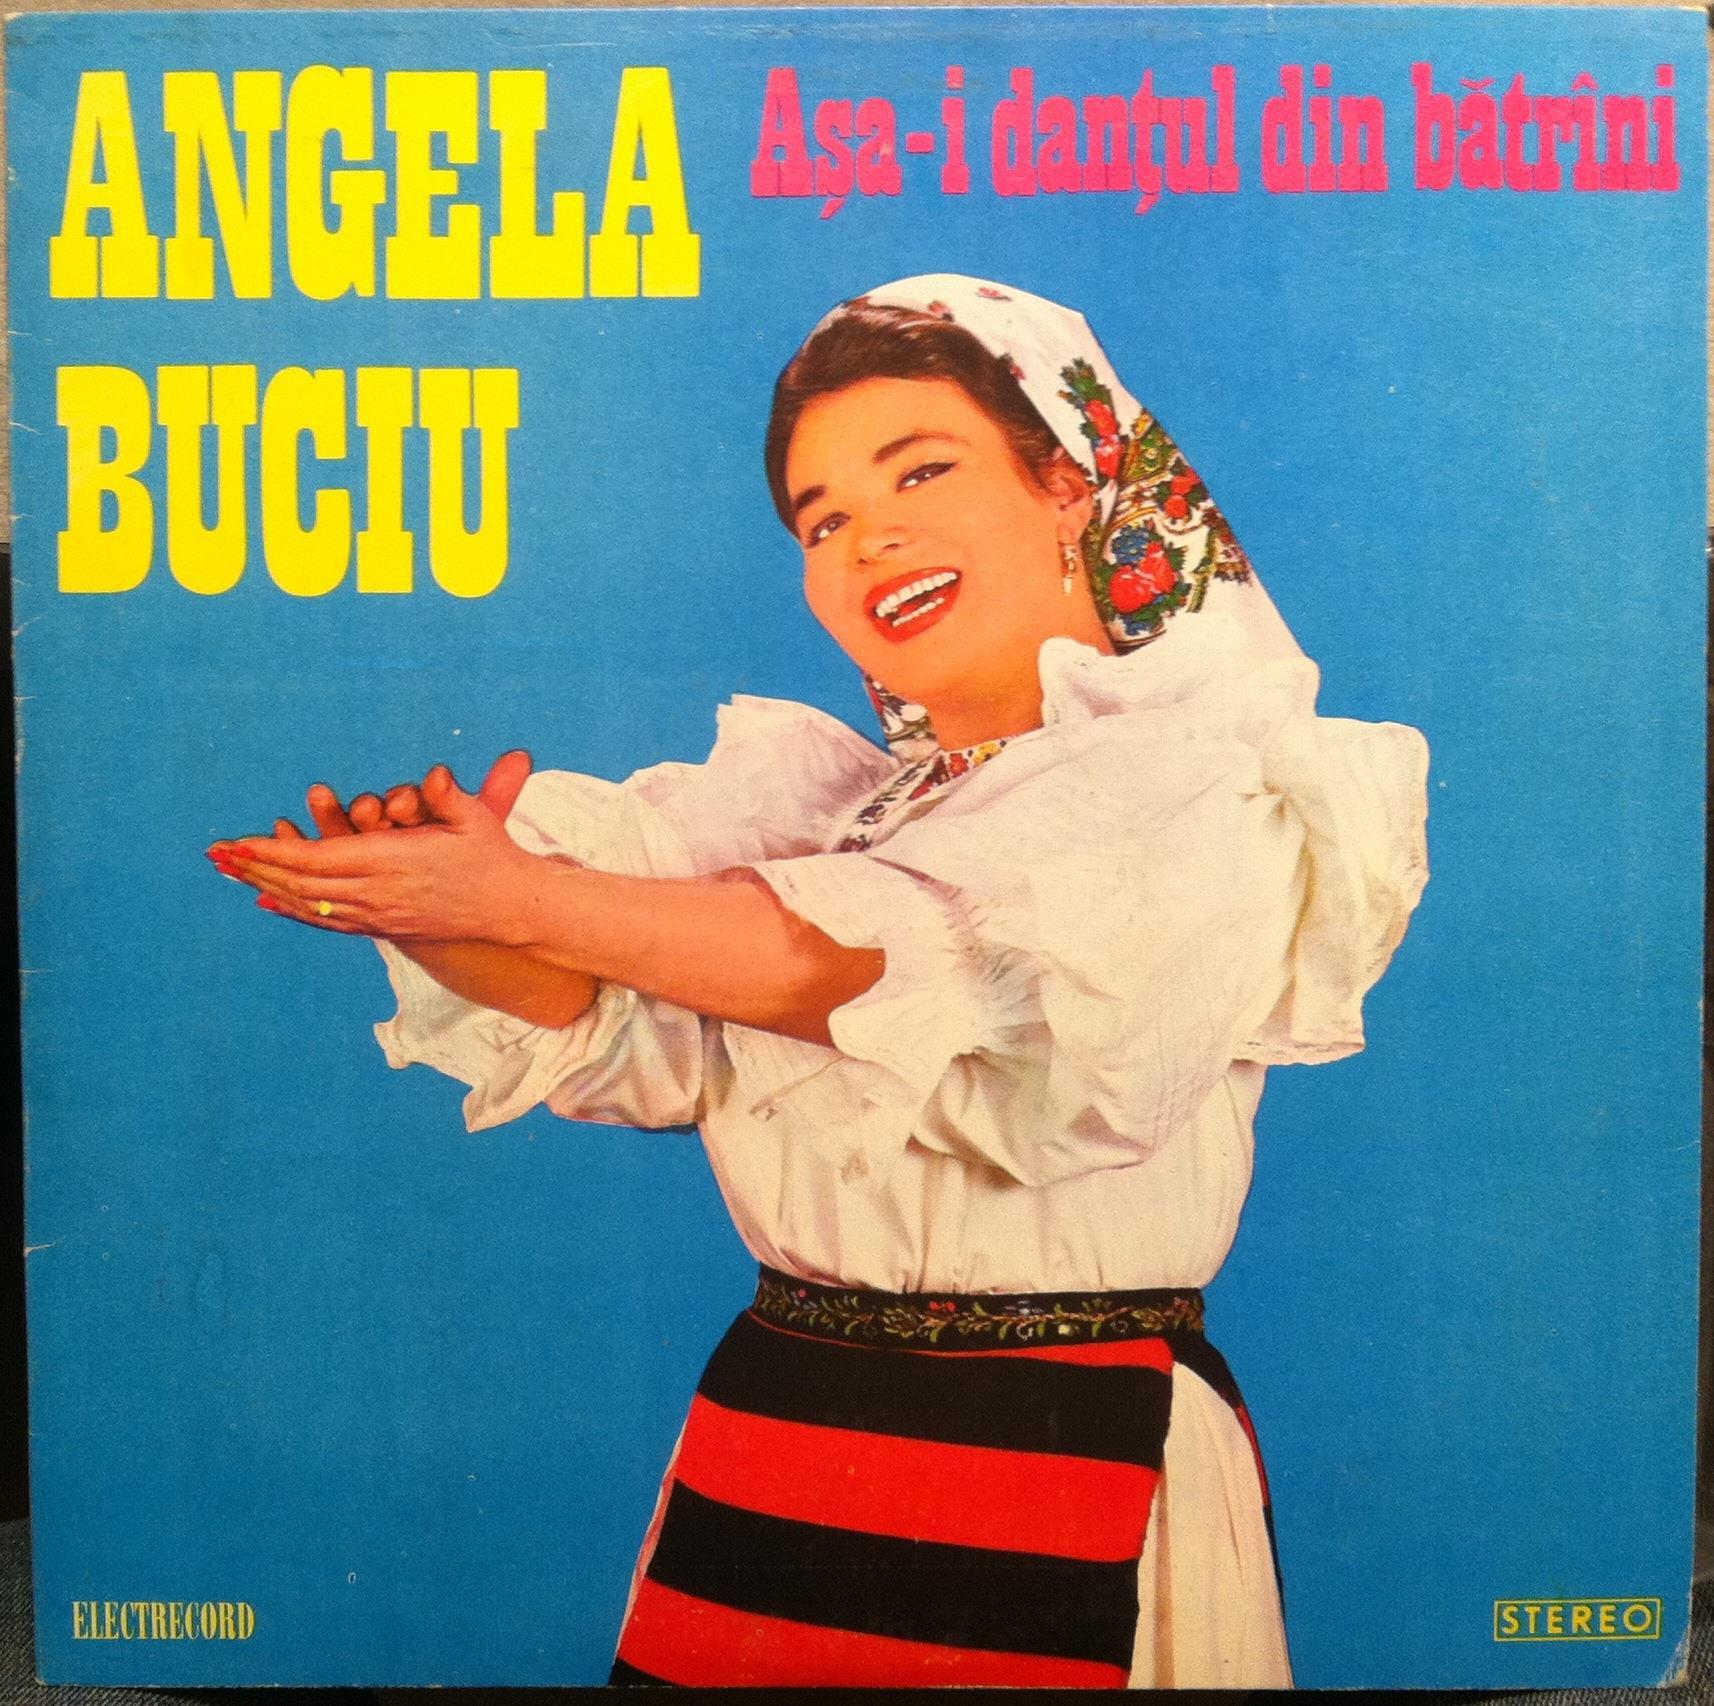 ANGELA BUCIU - Angela Buciu Asa -i Dantul Din Batrini Lp Vg+ St Epe 01740 Vinyl Record (asa -i Dantul Din Batrini)